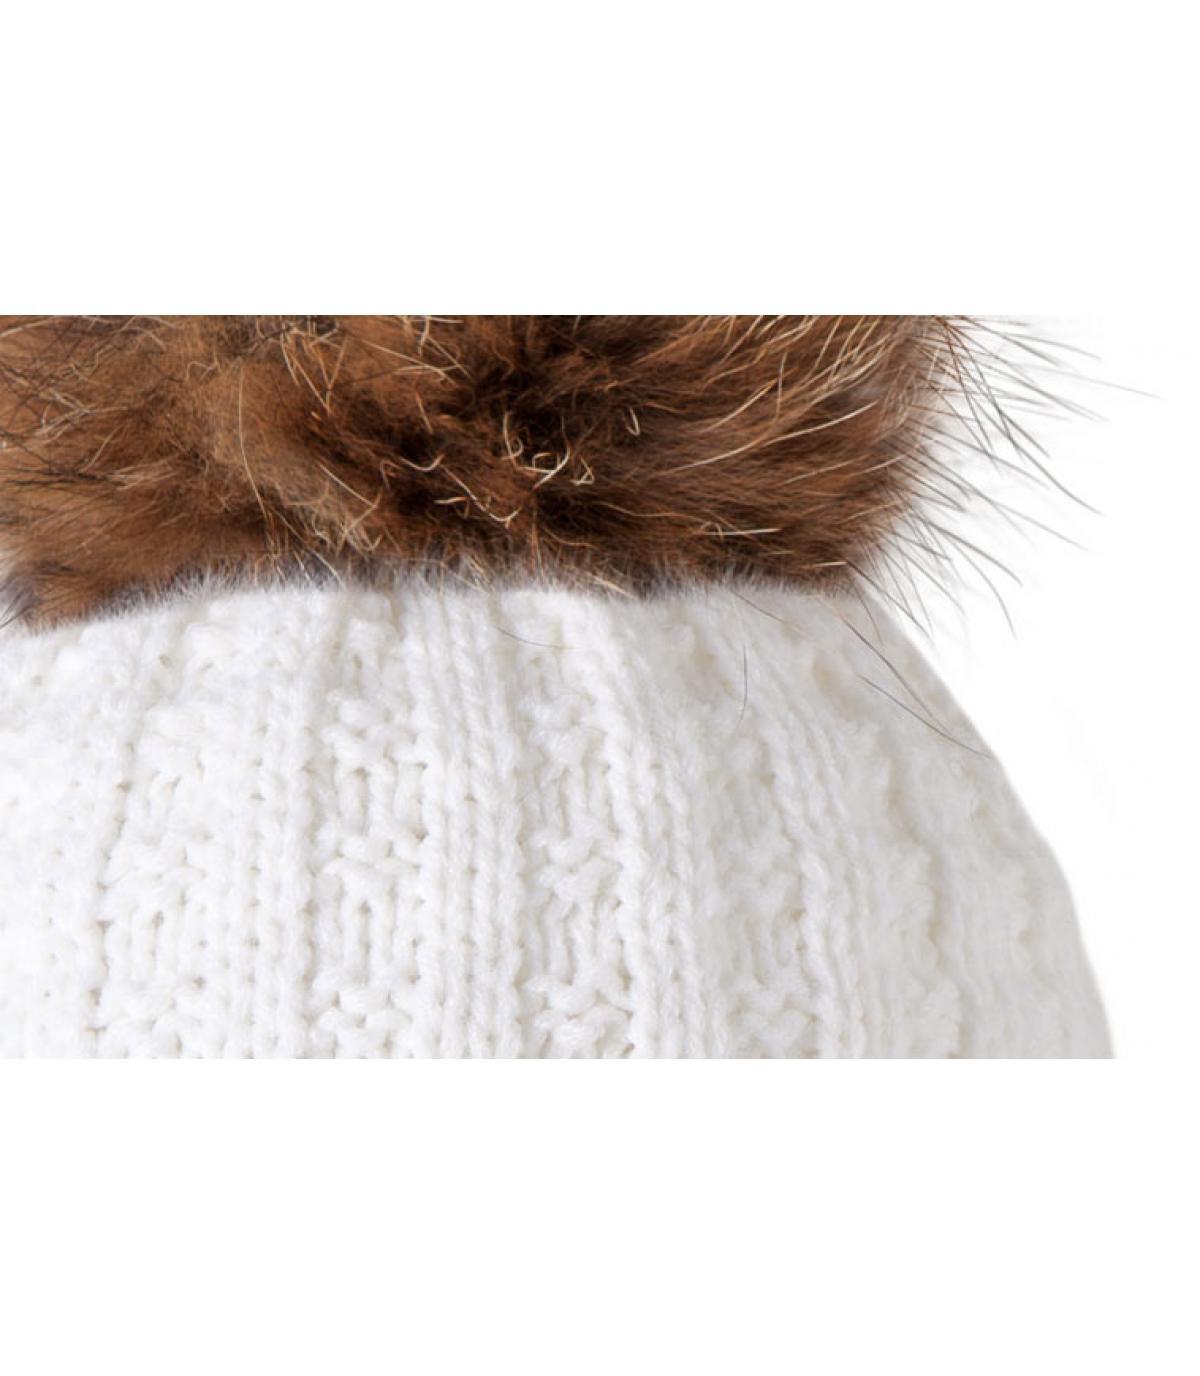 ded25d6c734273 Weiße Mütze Filippa - Weiße Mütze Maxi-Bommel von Barts.